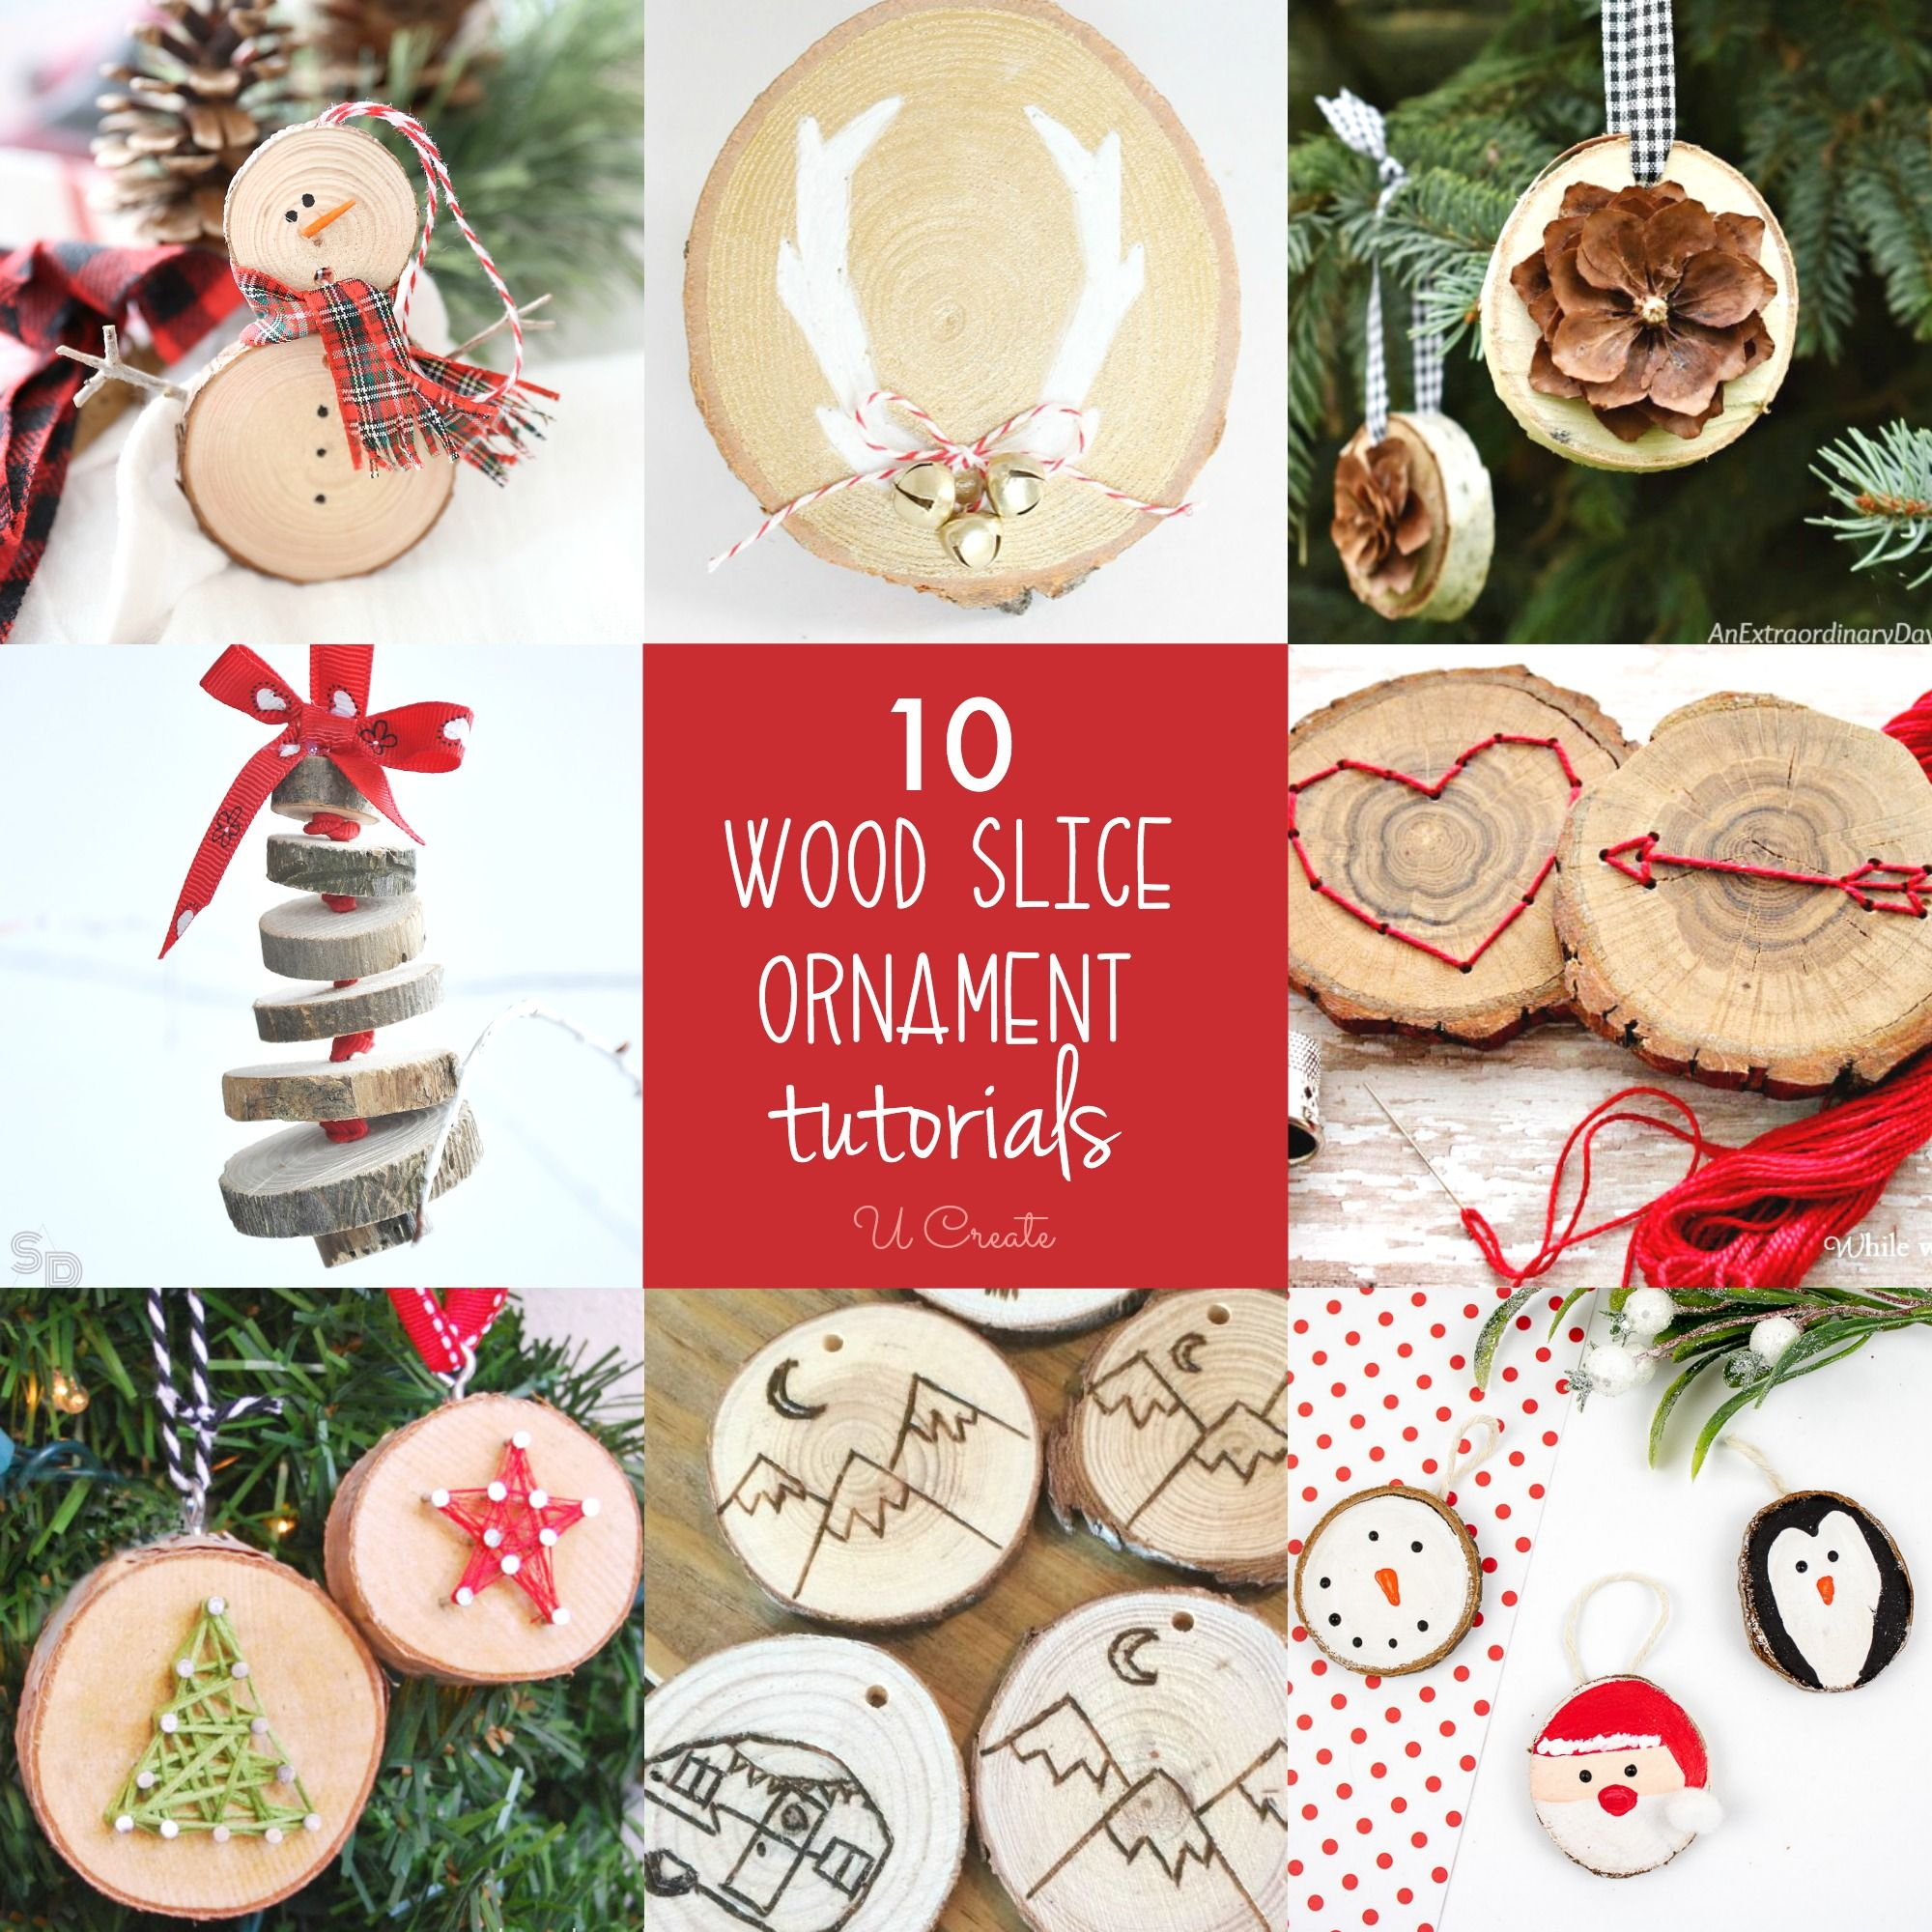 10 Diy Wood Slice Ornaments U Create Wood Slice Ornament Christmas Diy Wood Wood Slice Crafts